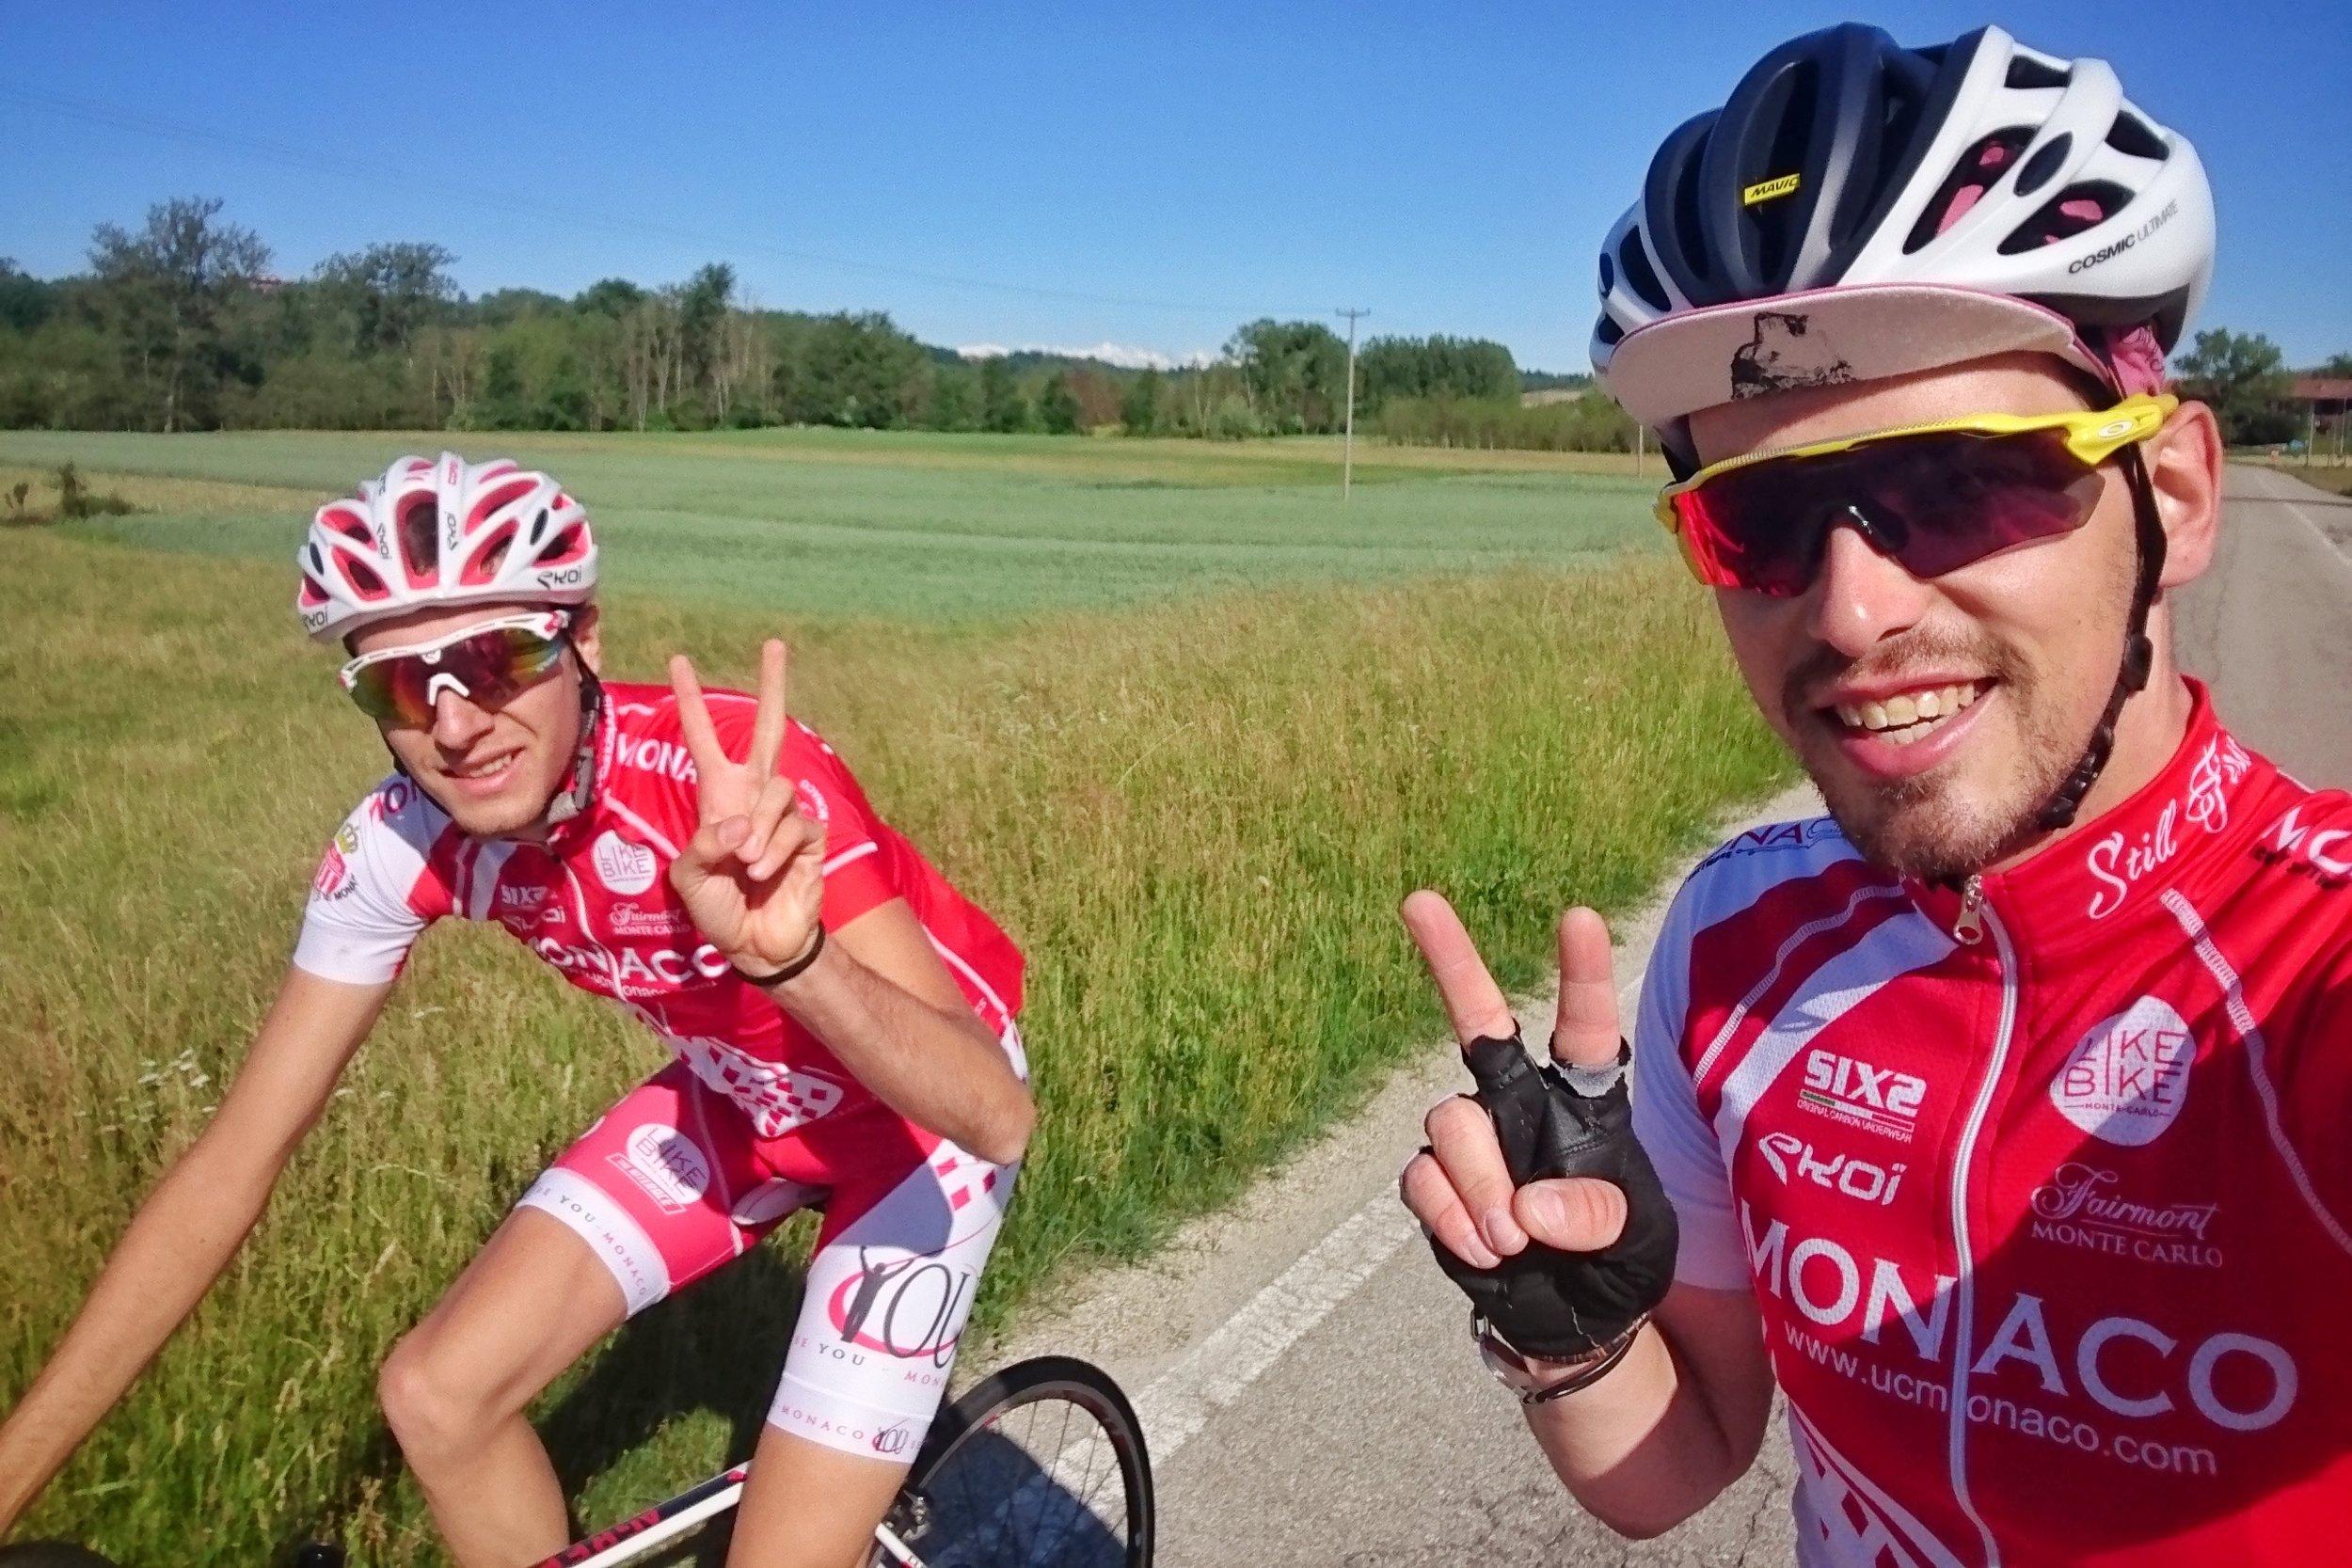 Giro giro giro Moncalieri © Ivan Blanco Vilar (2).jpeg